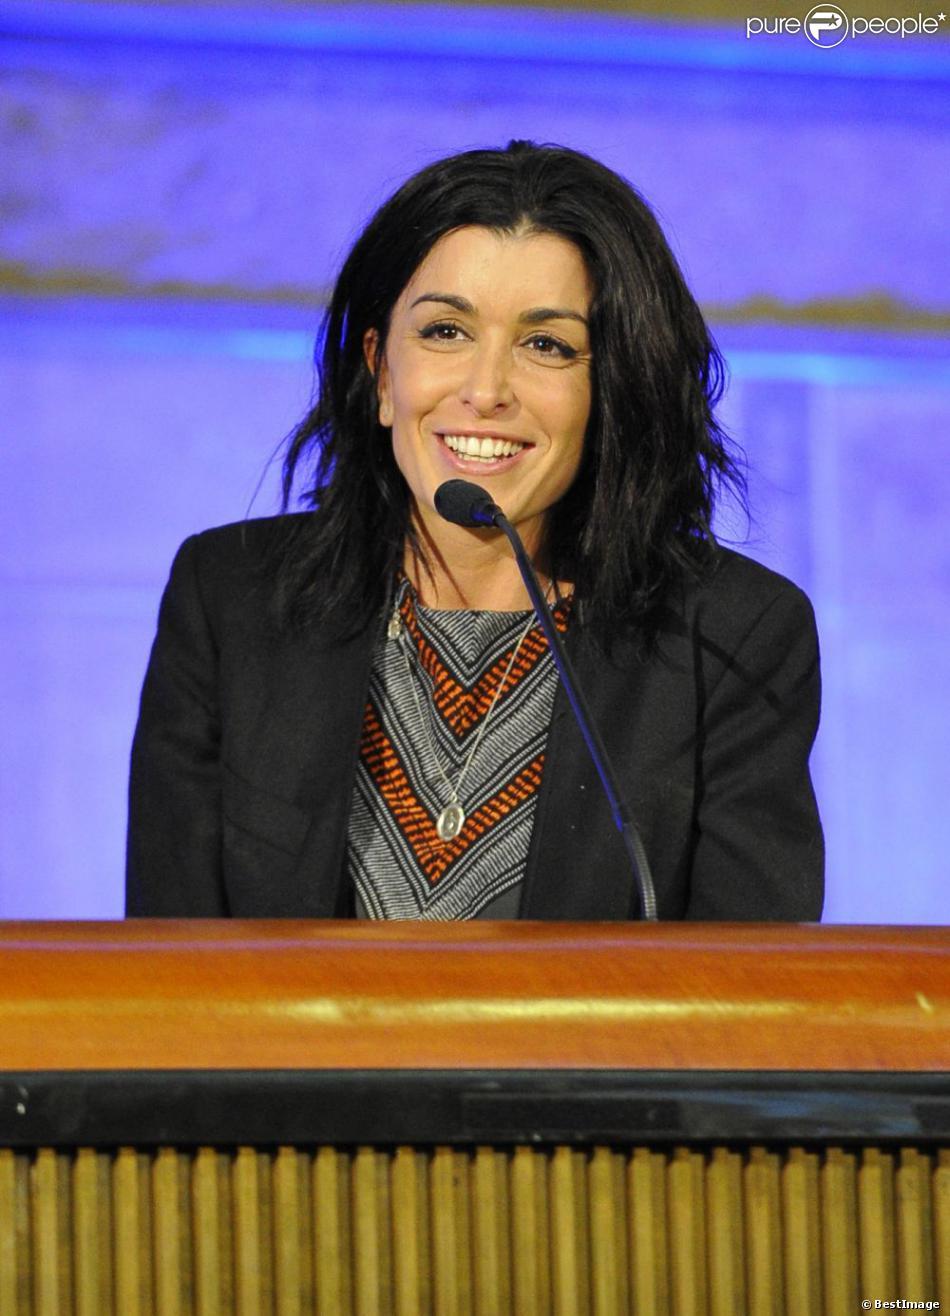 Jenifer a répondu à l'invitation de la fondation K d'urgences qui réunissait de nombreux artistes et personnalités politiques afin de faire 10 propositions au gouvernement pour aider les familles monoparentales. La réunion a eu lieu au Conseil Économique Social et environnemental à Paris le 18 février 2013.